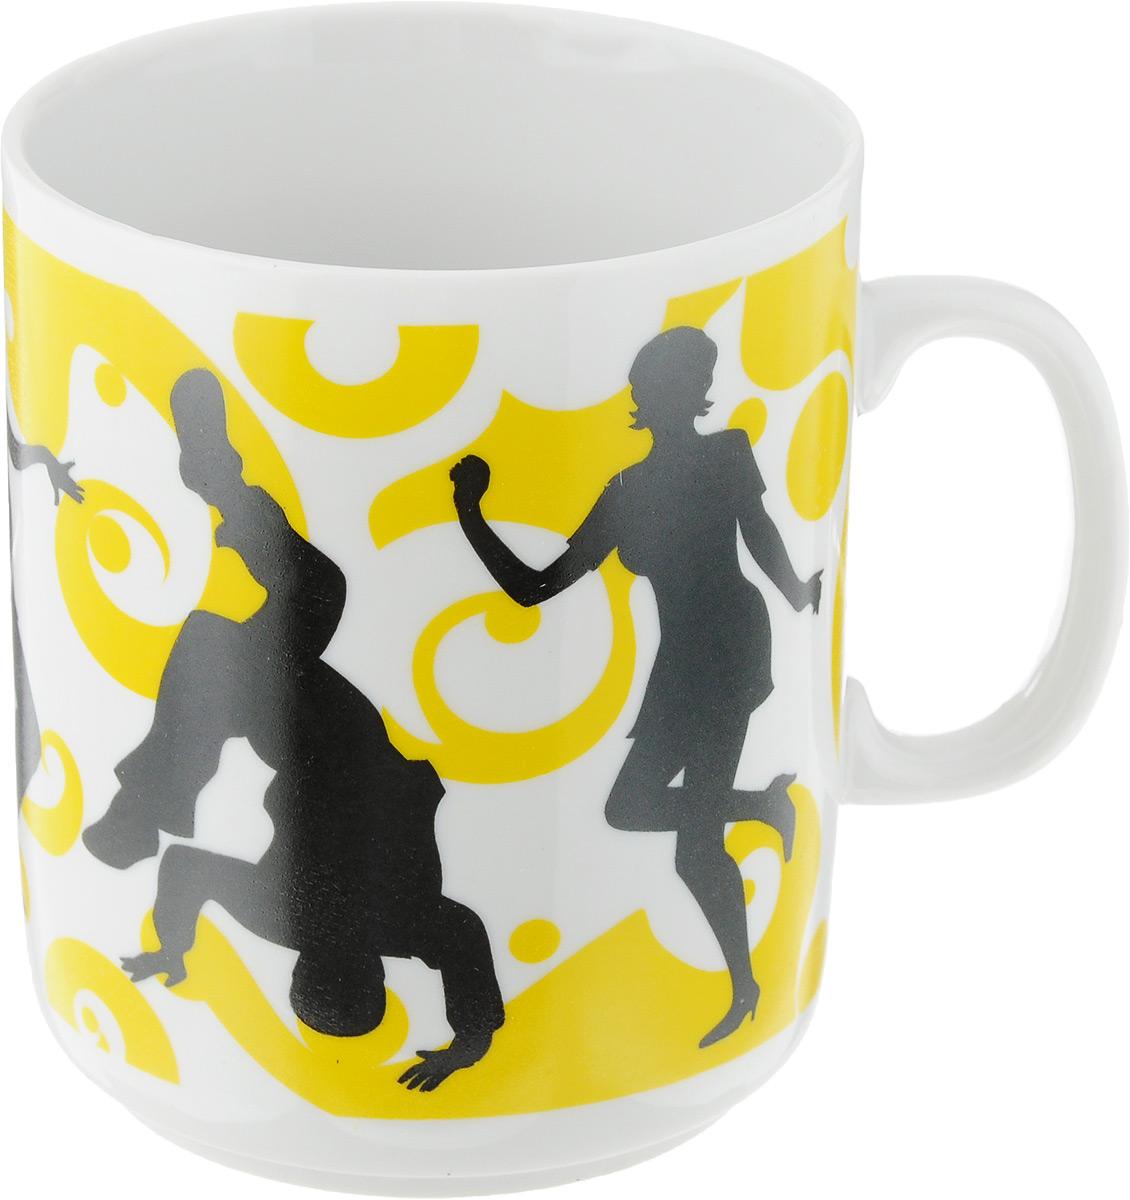 Кружка Фарфор Вербилок Dance, цвет: желтый, белый, черный, 300 мл391602Кружка Фарфор Вербилок Dance способна скрасить любое чаепитие. Изделие выполнено из высококачественного фарфора. Посуда из такого материала позволяет сохранить истинный вкус напитка, а также помогает ему дольше оставаться теплым.Диаметр по верхнему краю: 7,5 см.Высота кружки: 10 см.